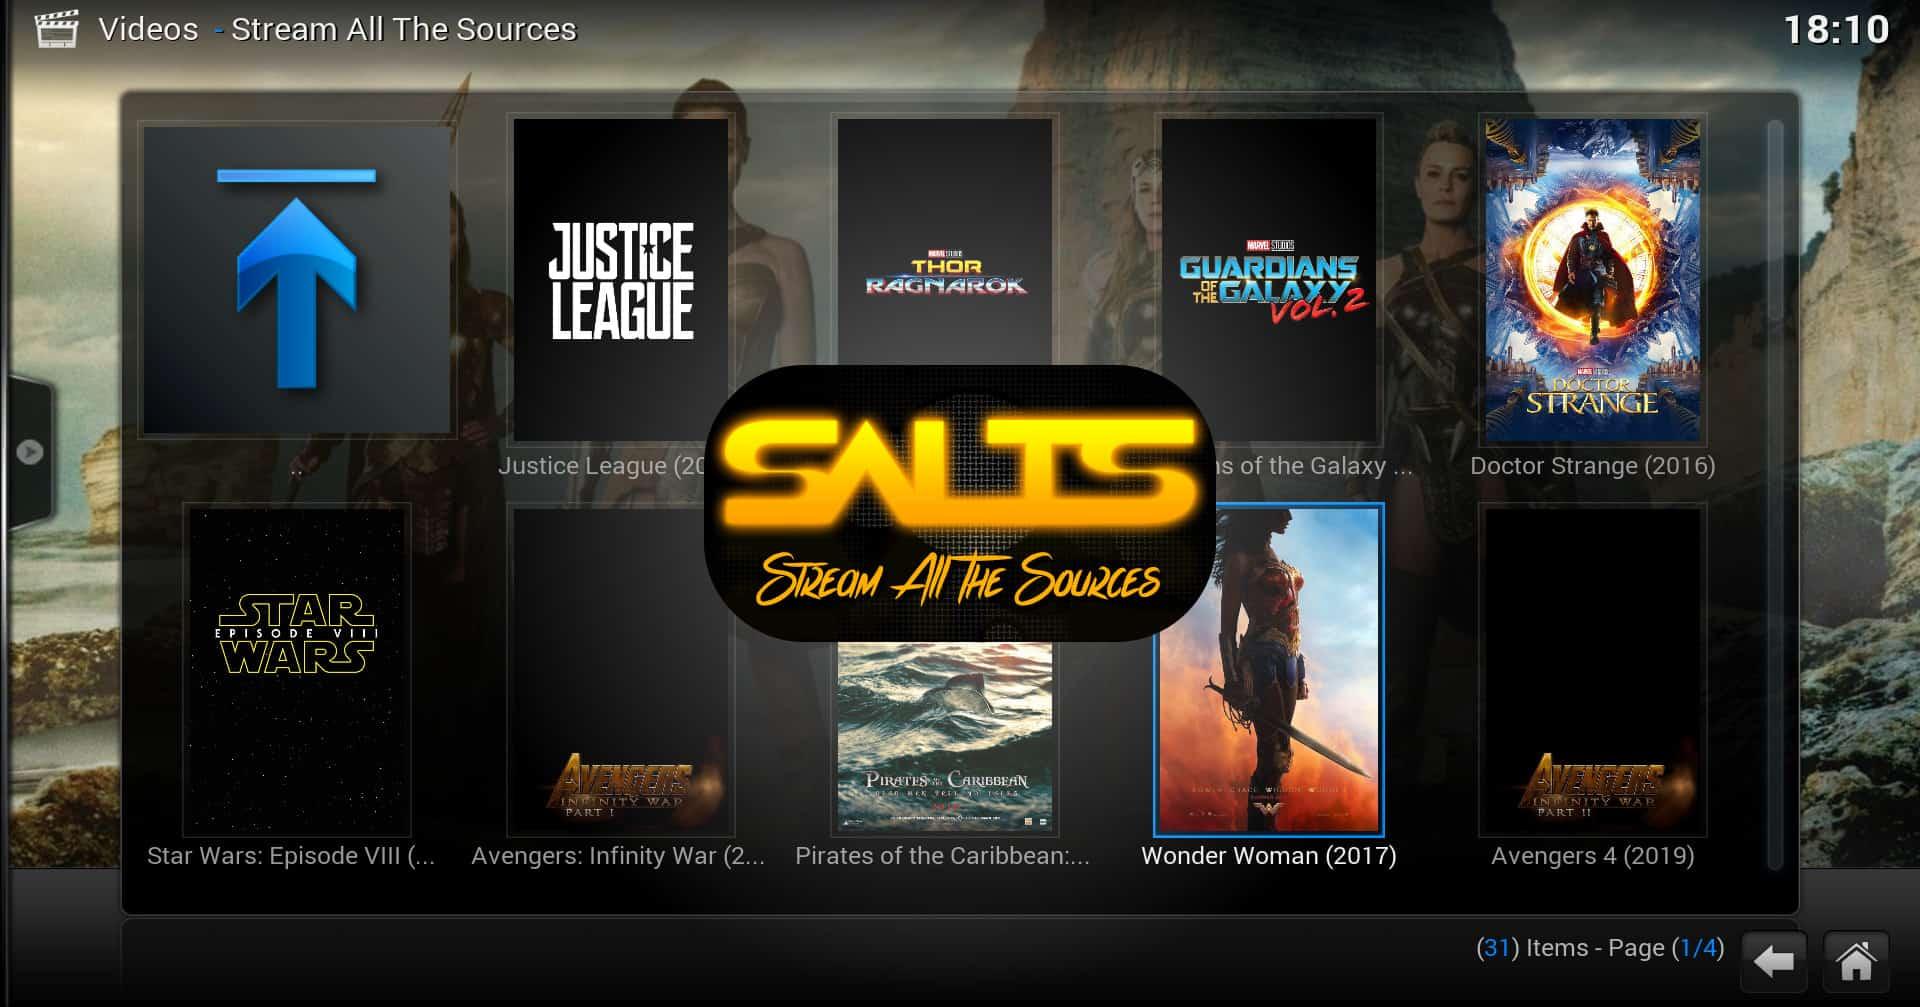 SALTS-kodi